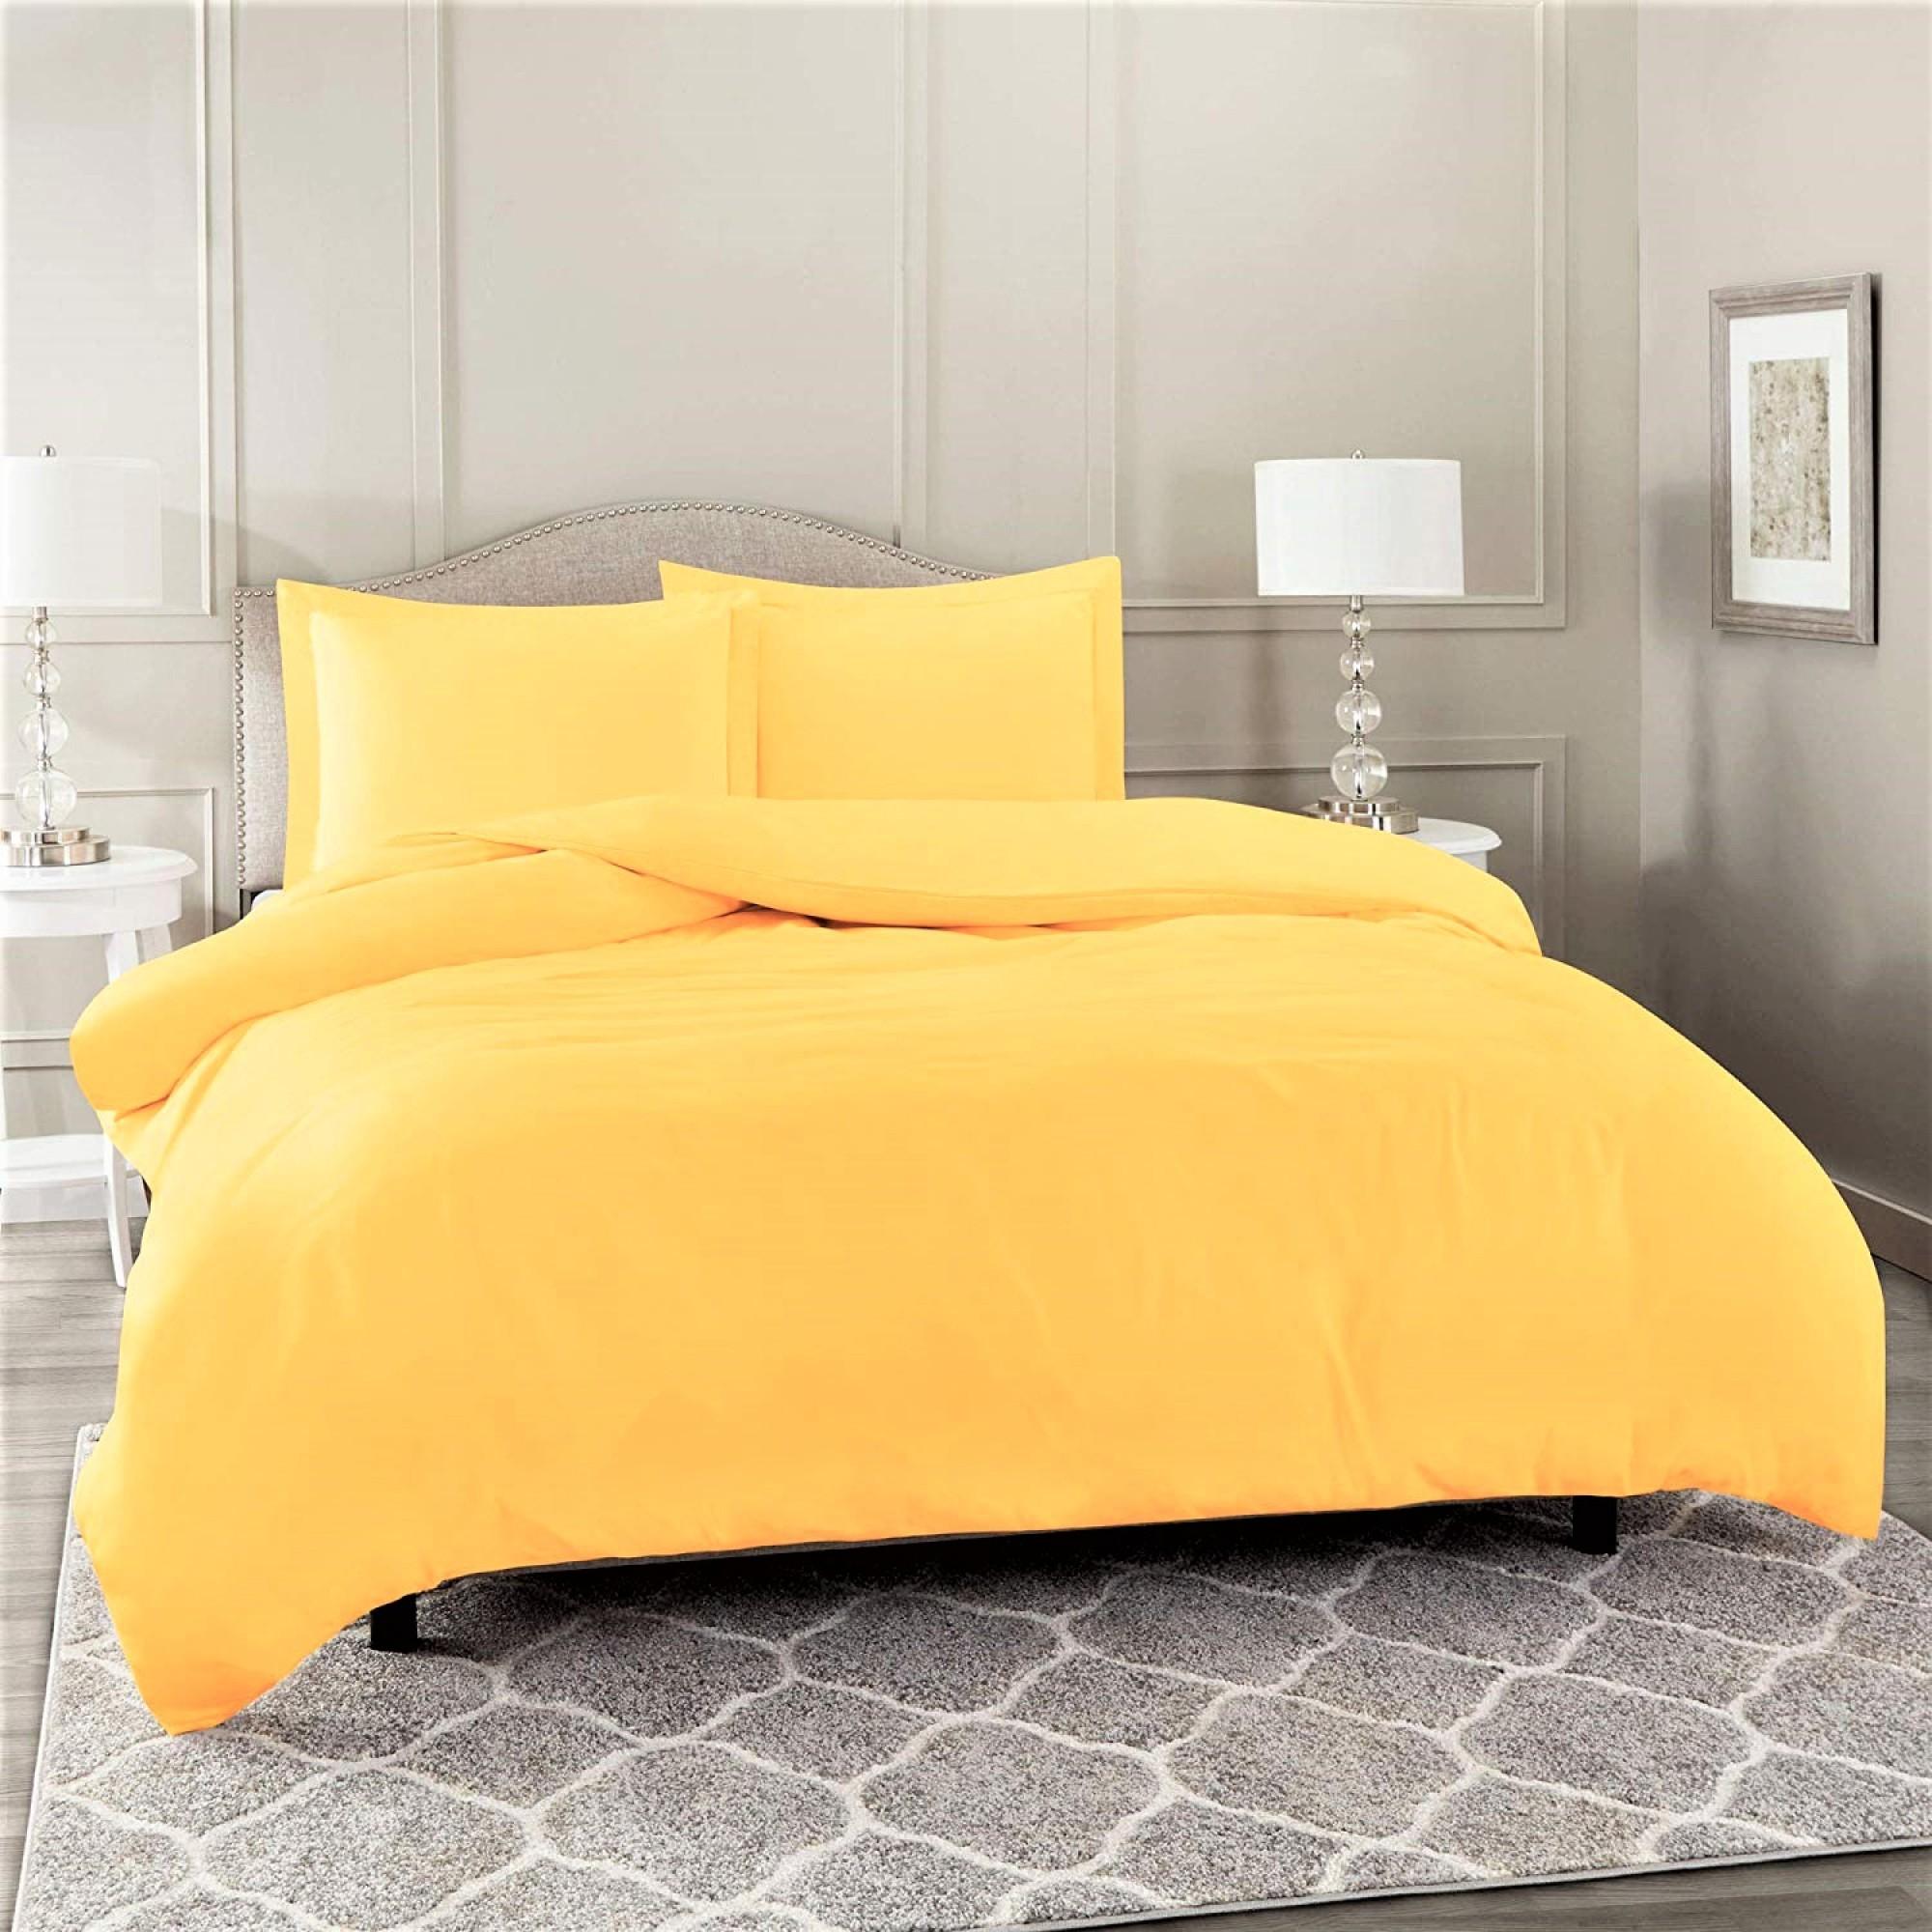 Спално бельо за единично легло от Ранфорс в жълто